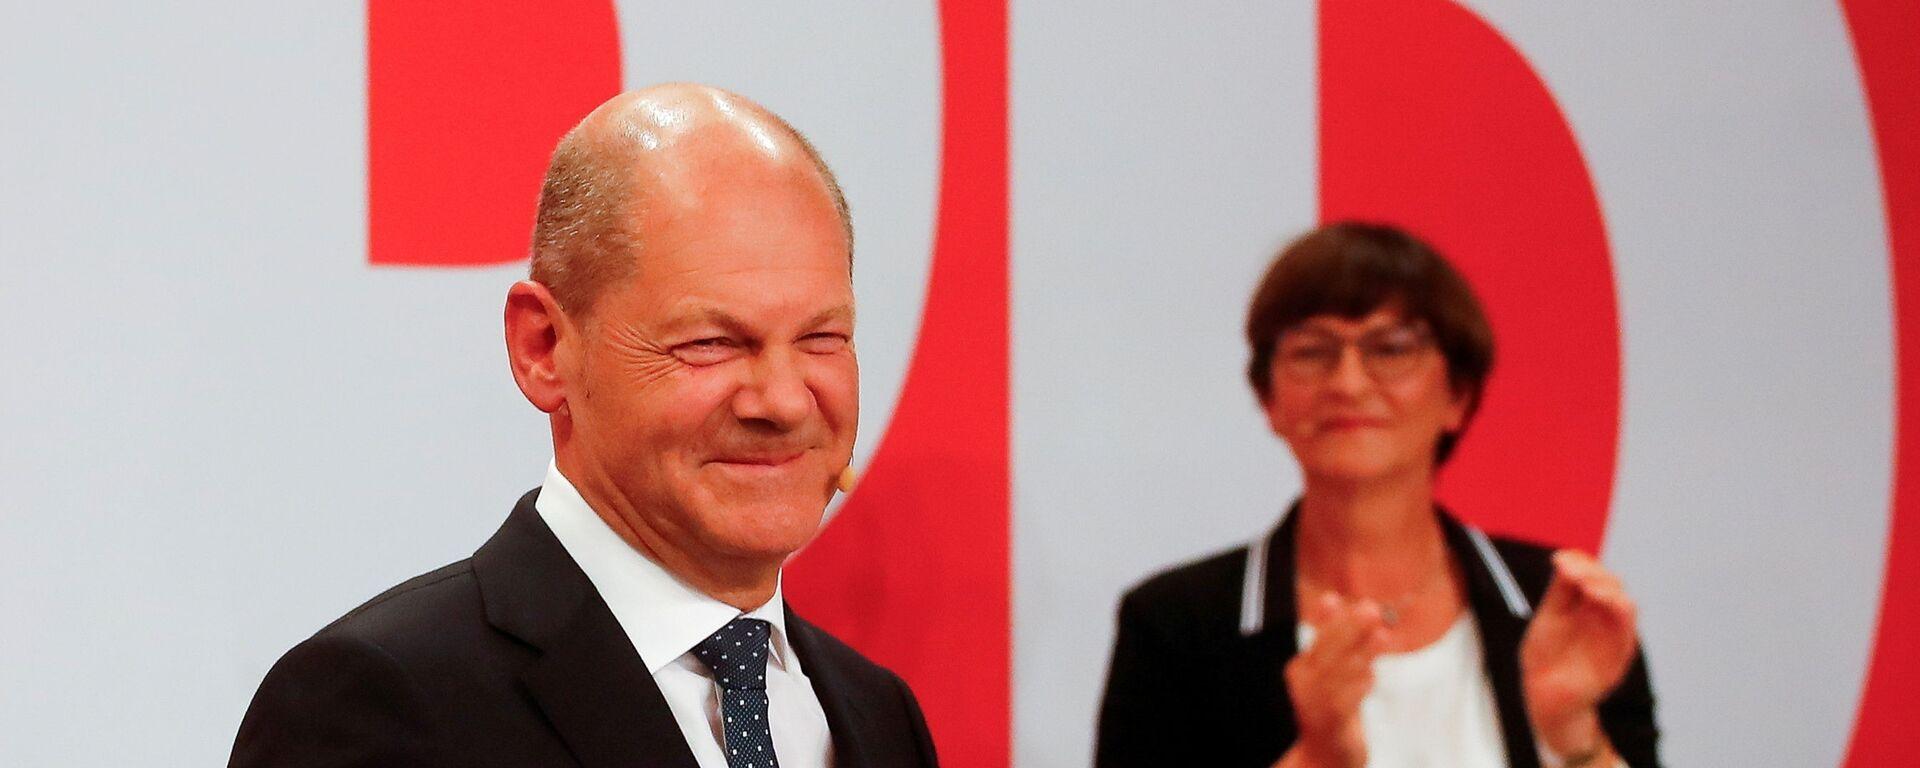 Bundestagswahl 2021 - SNA, 1920, 03.10.2021